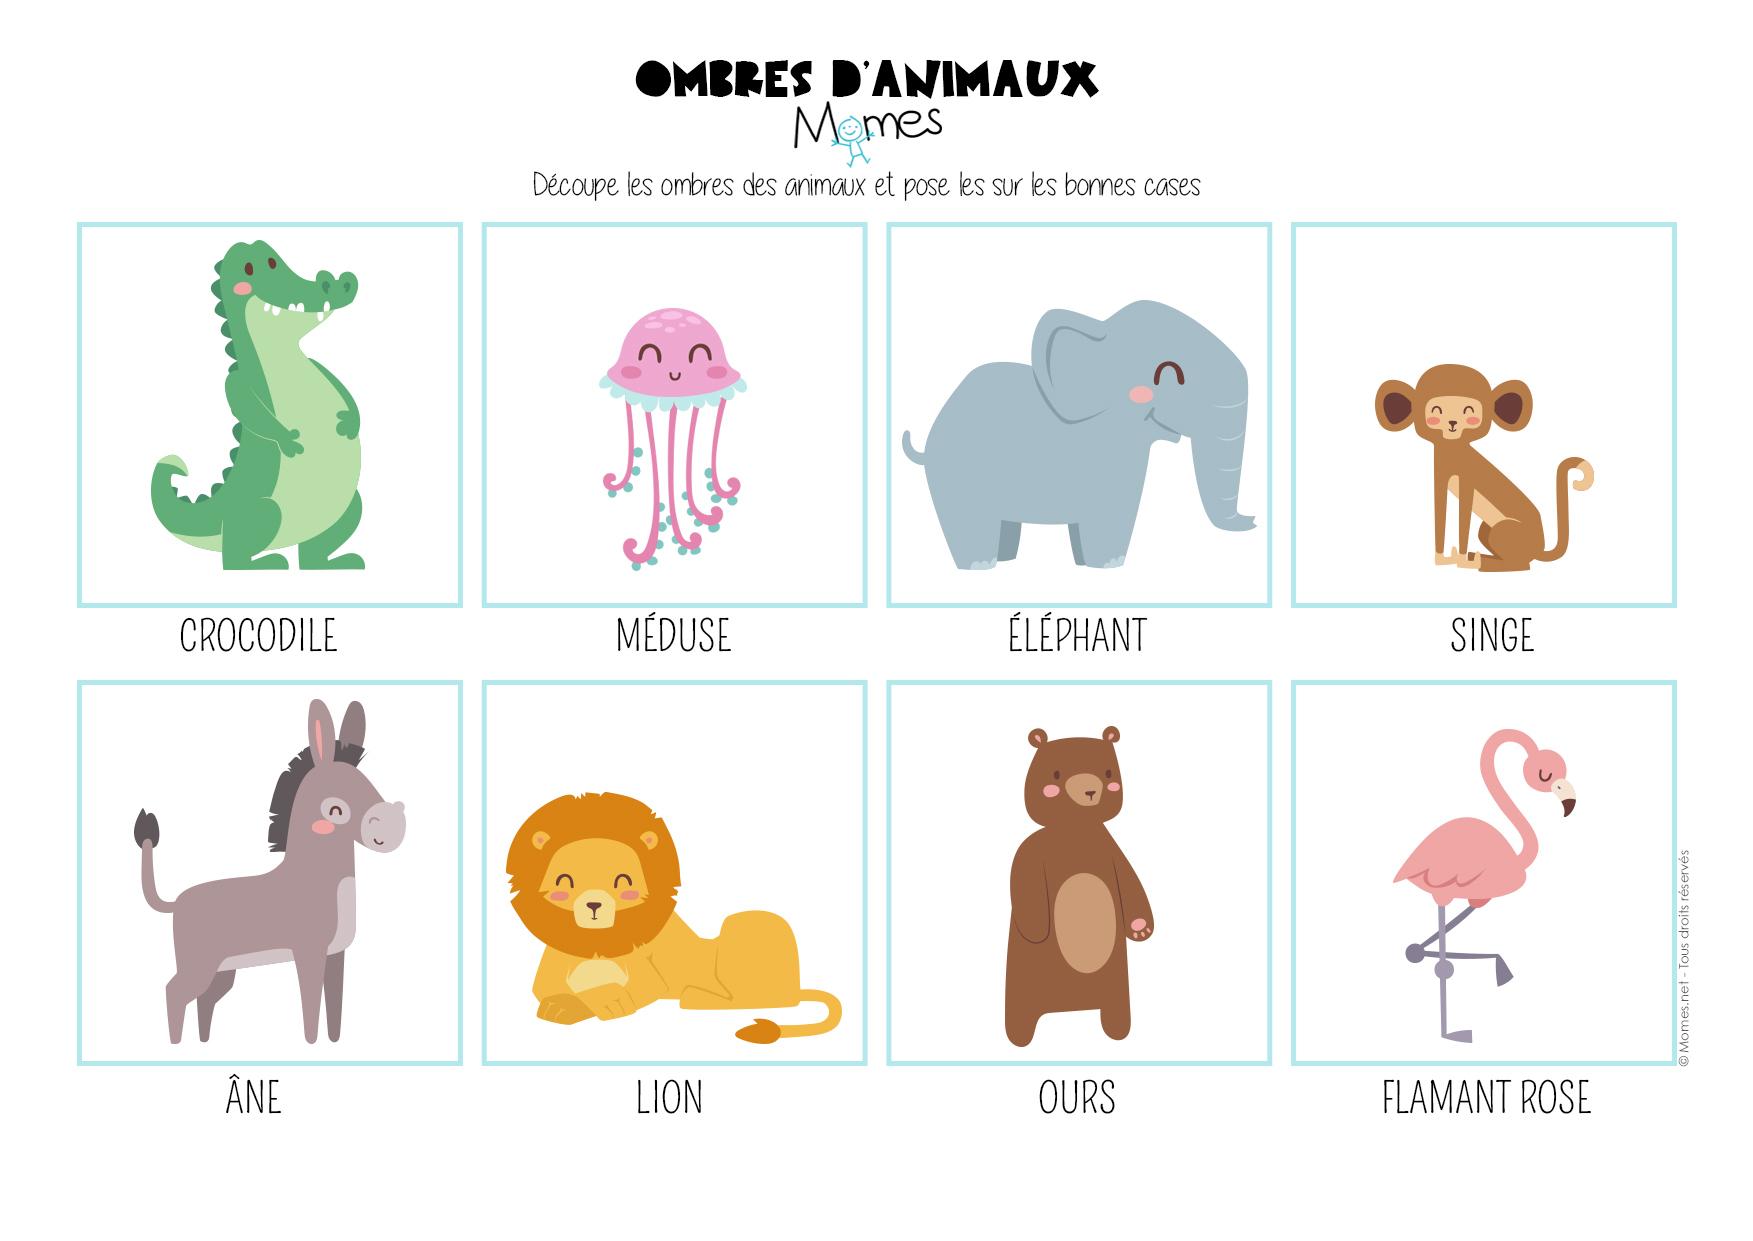 Le Jeu Des Ombres D'animaux - Momes destiné Jeux D Animaux Gratuit